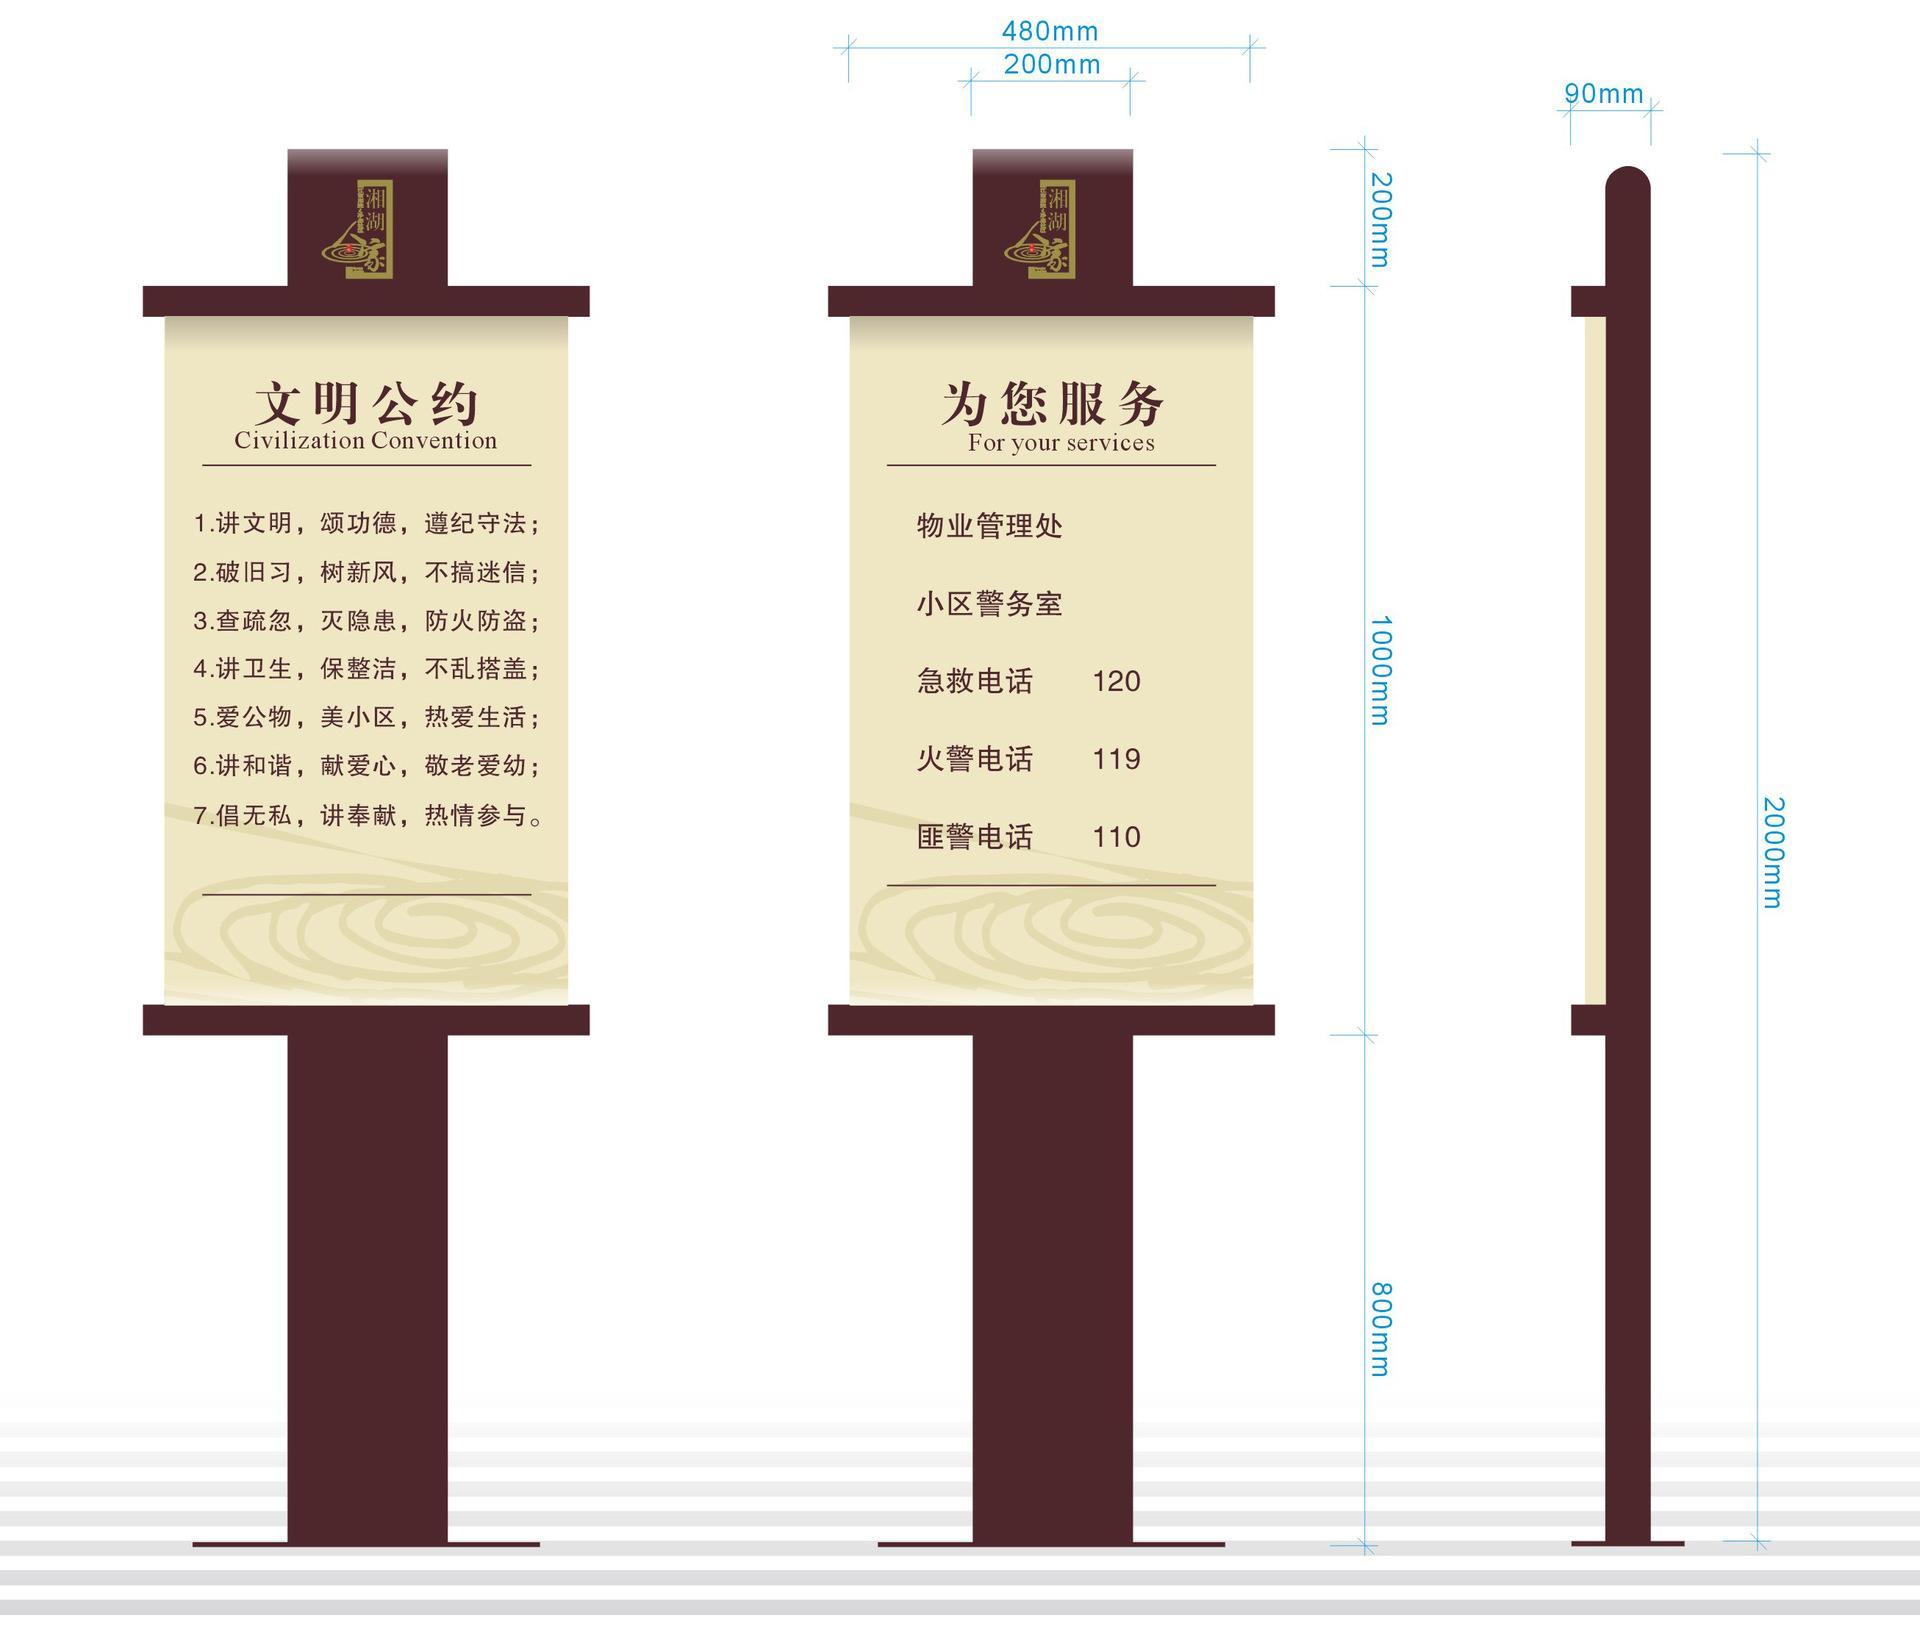 景区标识导视系统设计